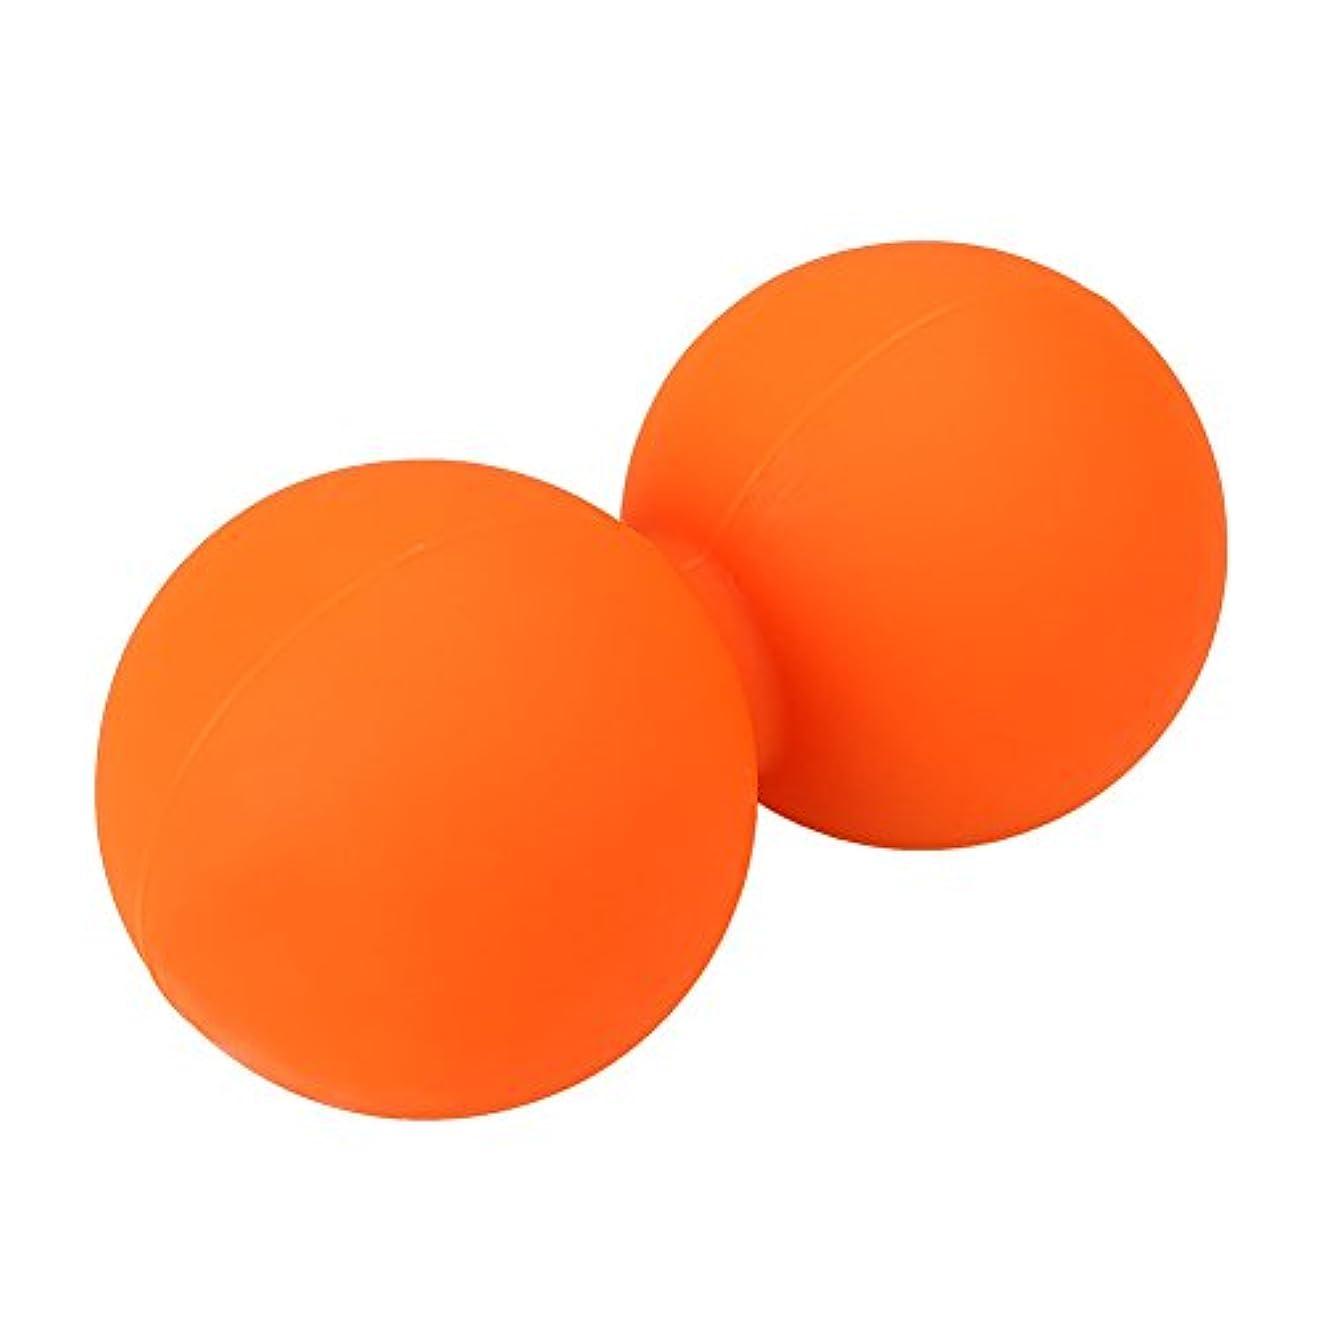 極地火炎穿孔するwlgreatsp ダブルラクロスMyofascialトリガーポイントリリースマッサージクロスボールエクササイズ